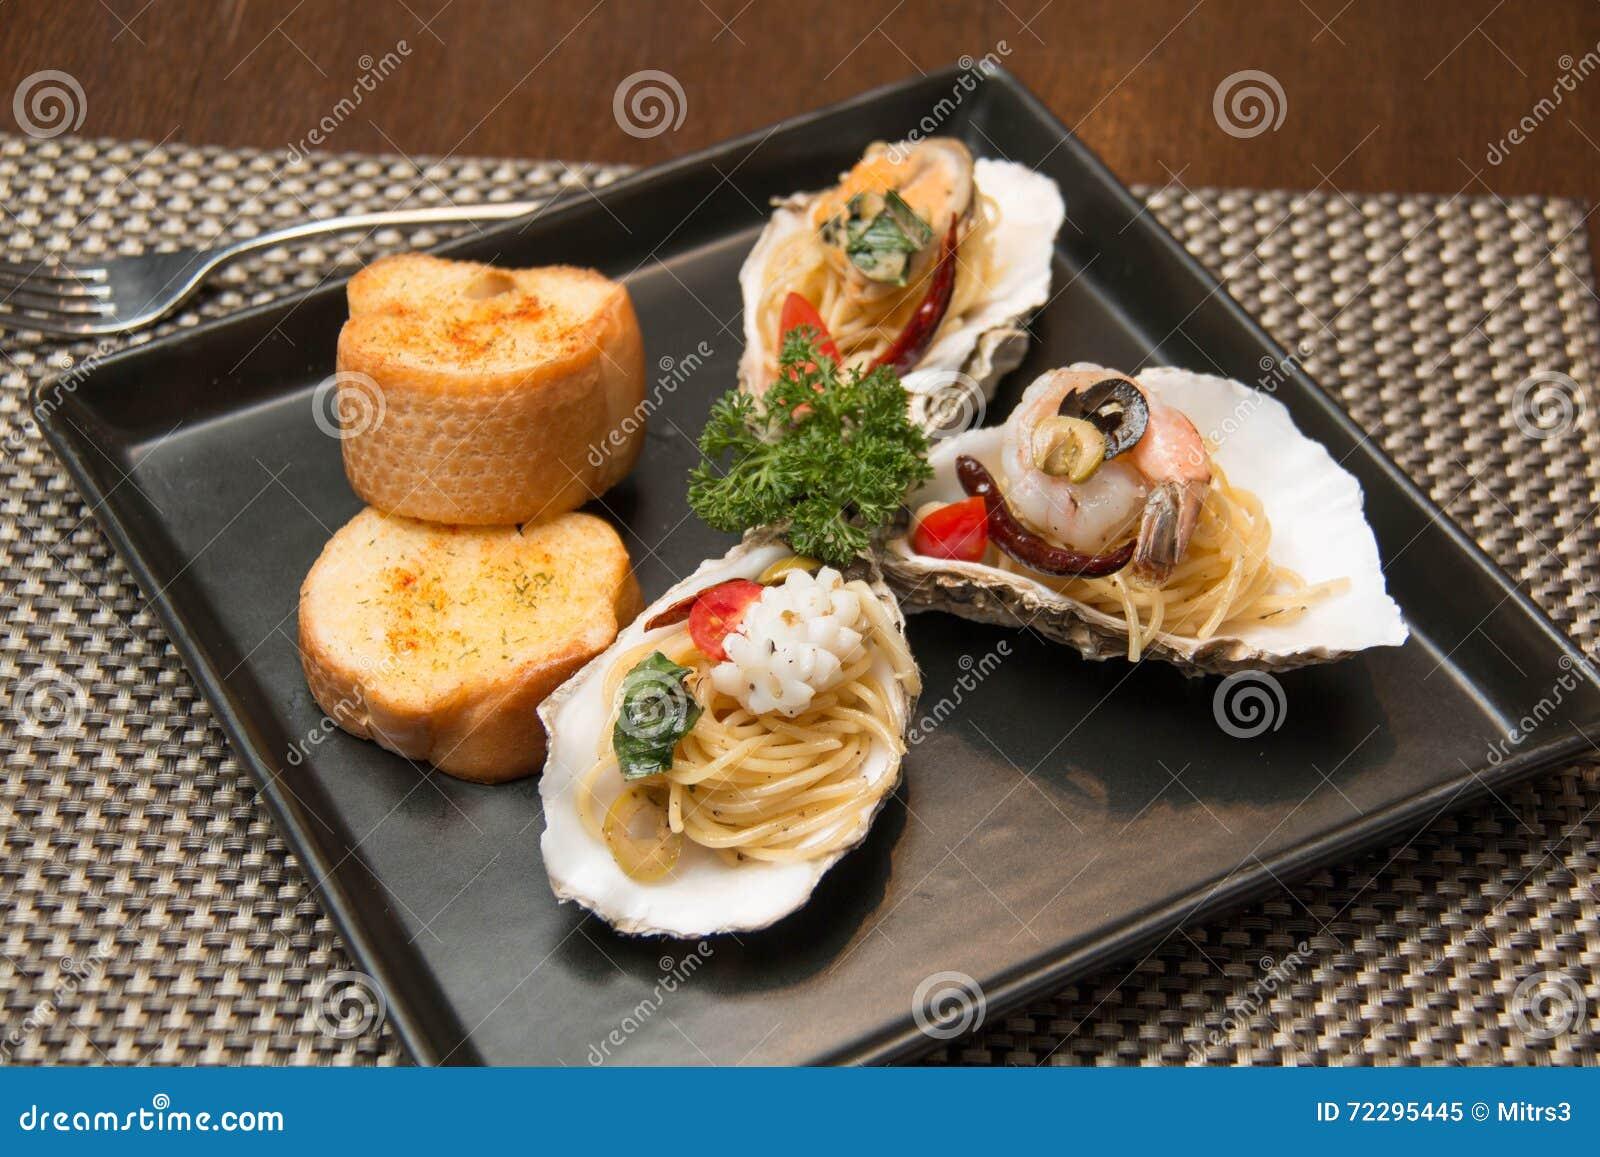 Download Морепродукты спагетти макаронных изделий очень вкусные в раковине Стоковое Изображение - изображение насчитывающей ресторан, clams: 72295445